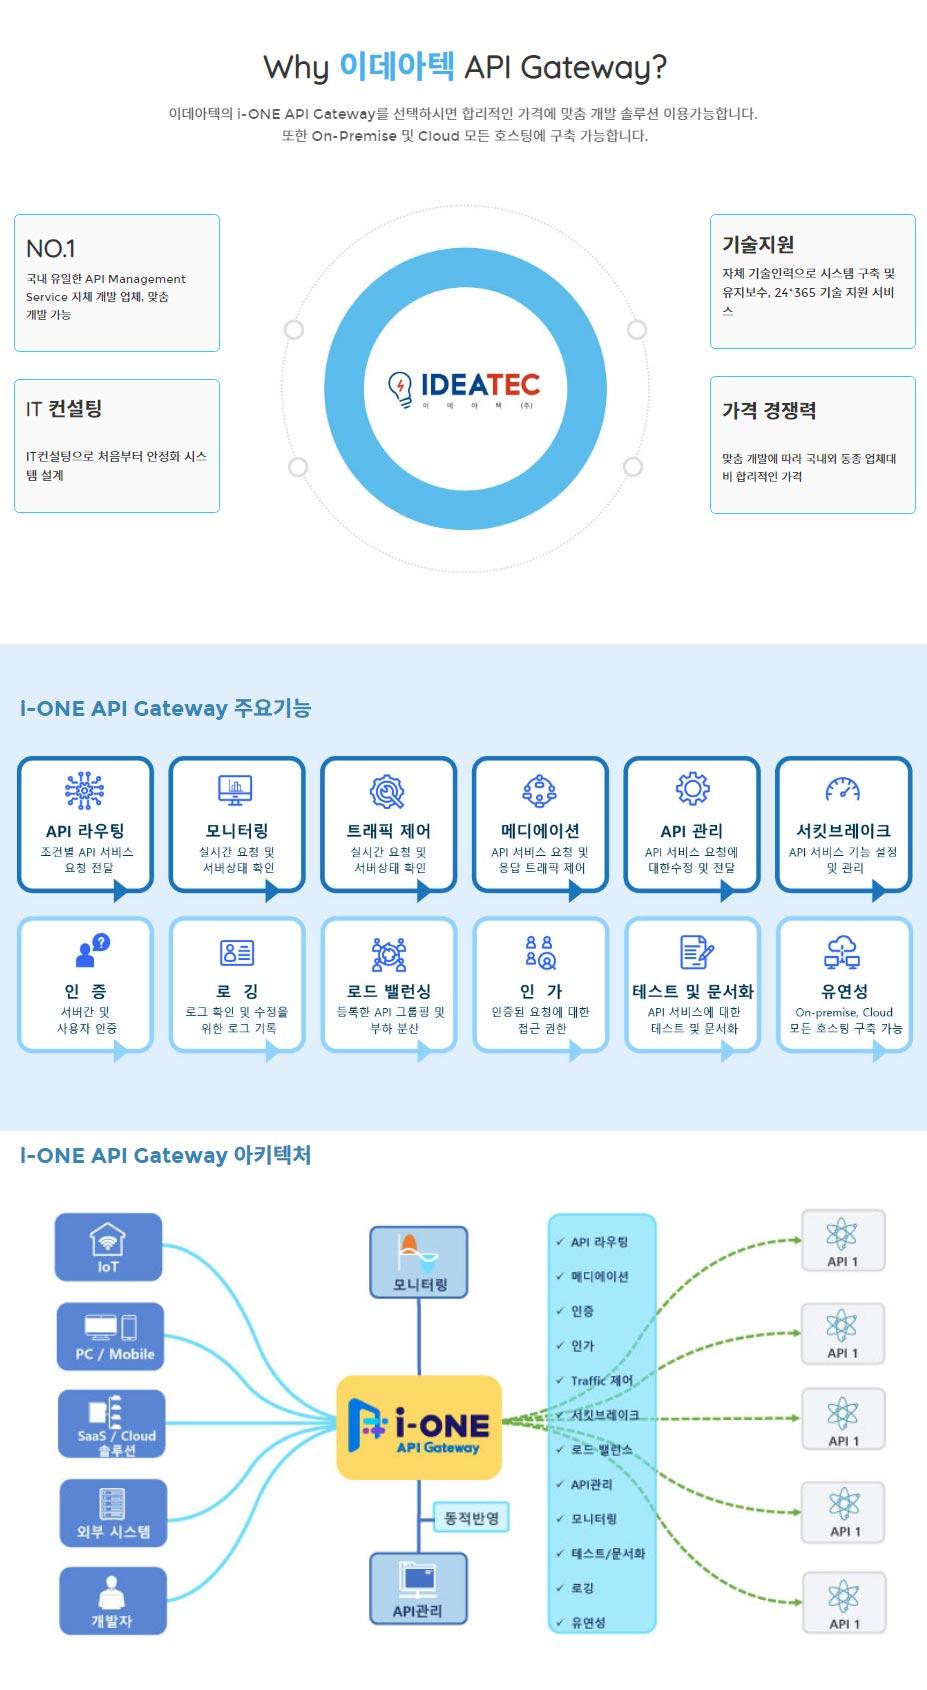 API Gateway 솔루션